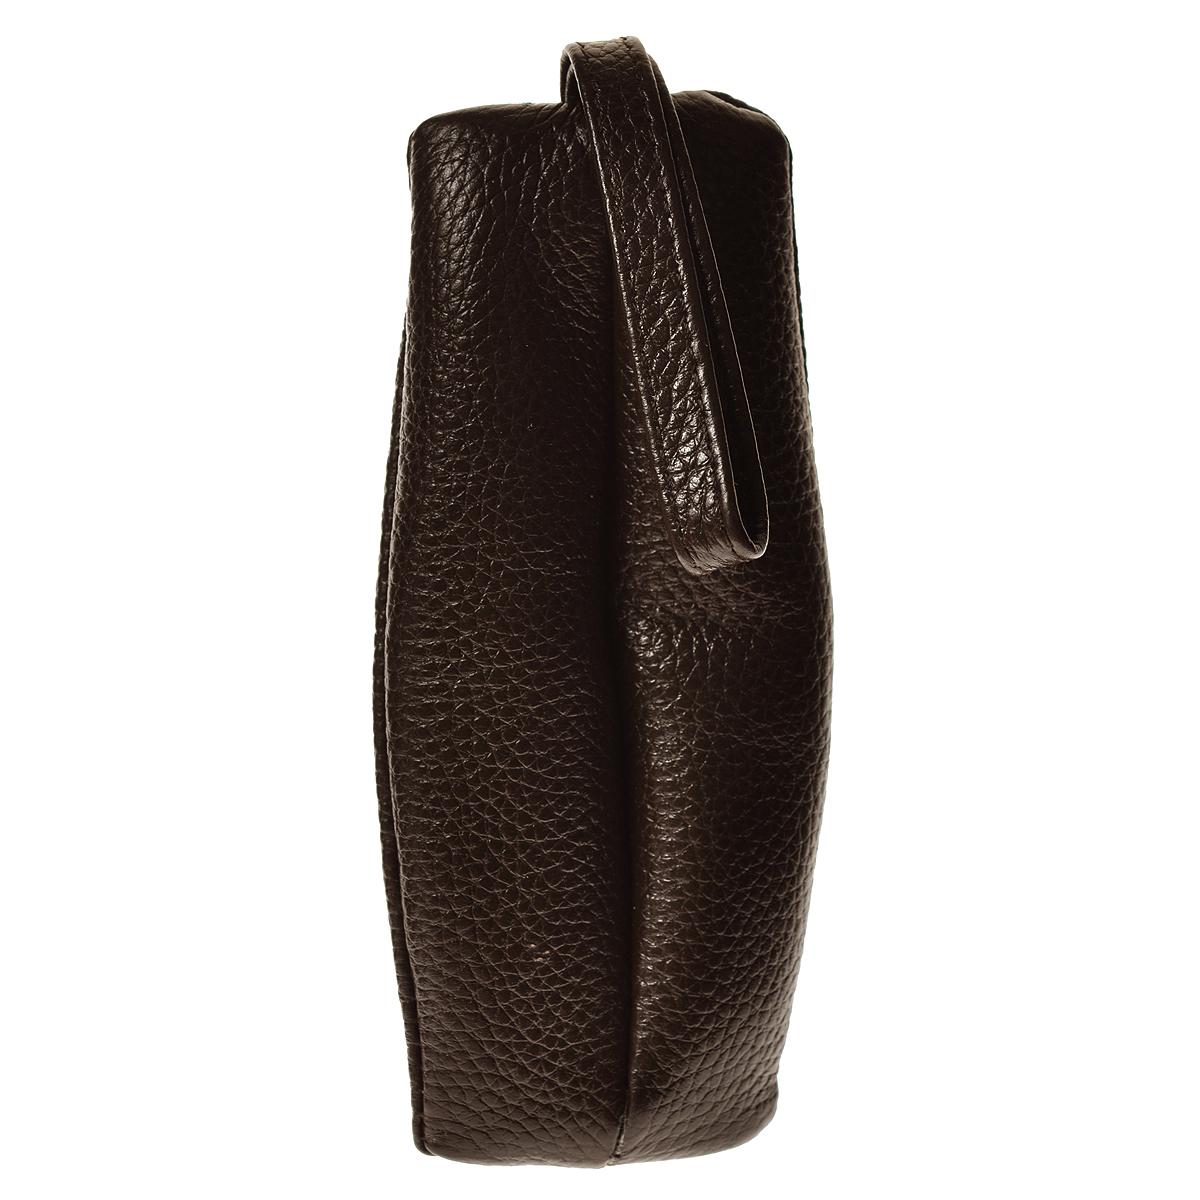 Ключница Cheribags, цвет: коричневыйключница 20Компактная ключница Cheribags изготовлена из натуральной кожи коричневого цвета и имеет одно отделение на молнии. Ключница оснащена петелькой для возможности крепления к поясу или сумке. Этот аксессуар станет замечательным подарком человеку, ценящему качественные и практичные вещи. Характеристики: Материал: натуральная кожа, металл, пластик. Размер ключницы: 14 см x 6 см х 2 см. Цвет: коричневый. Артикул: 20.